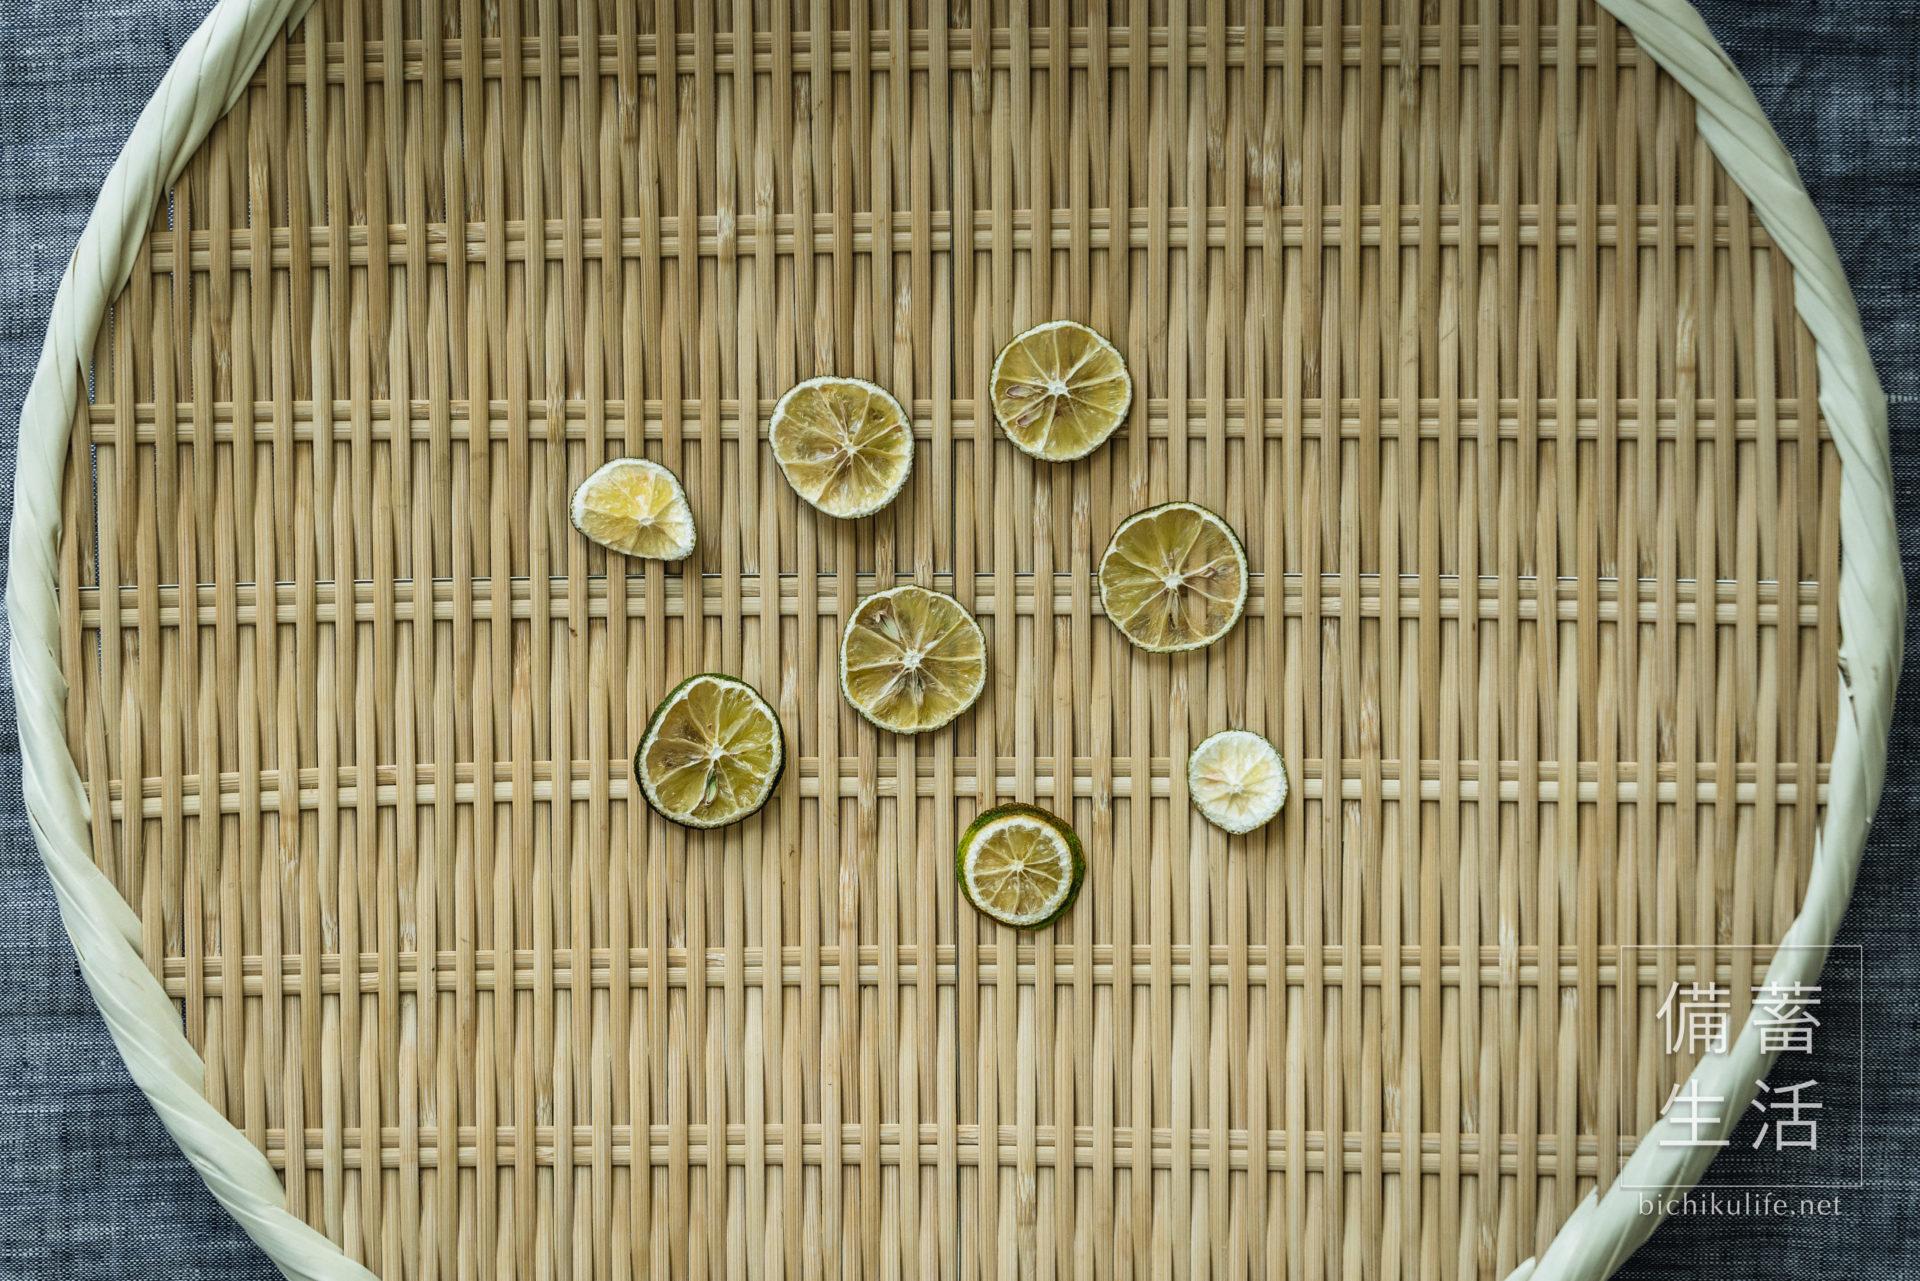 すだち 干し野菜づくり|干し酢橘の作り方